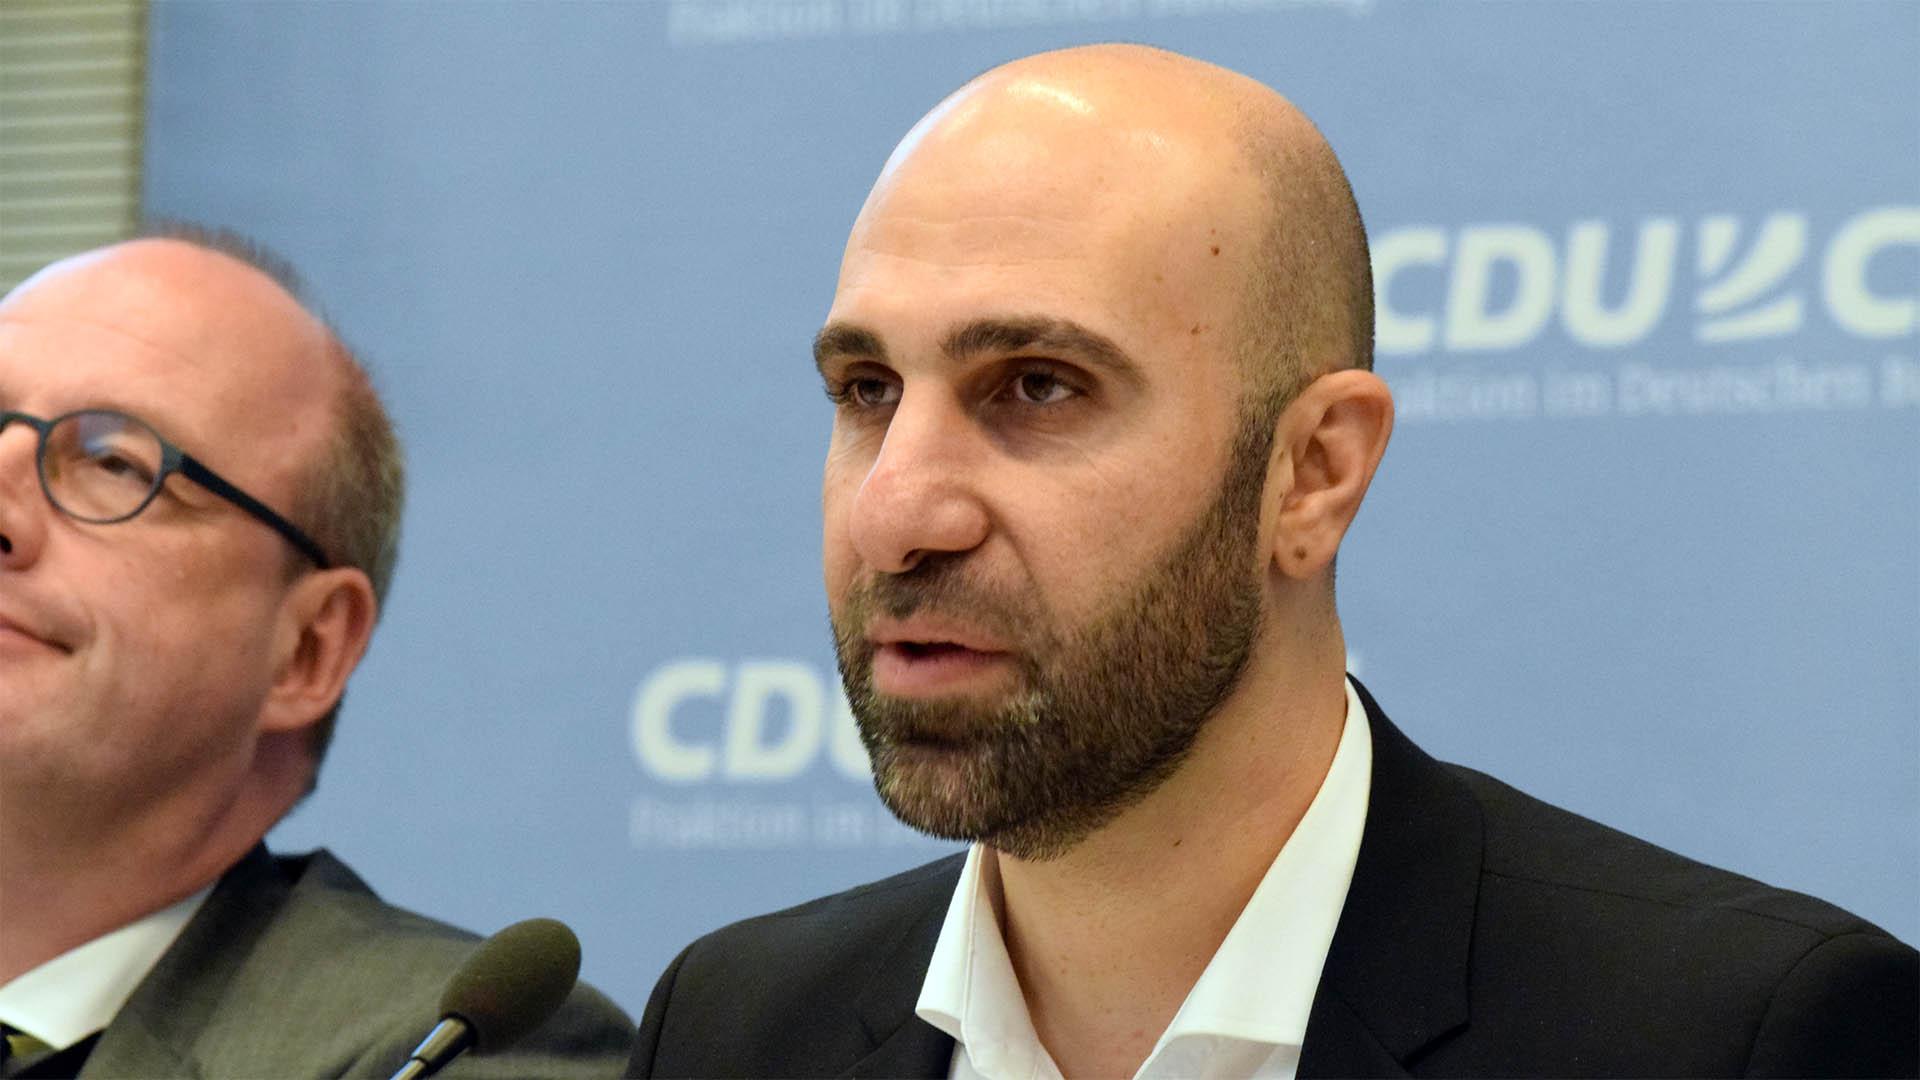 Ahmad Mansour fordert mehr demokratischen Diskurs